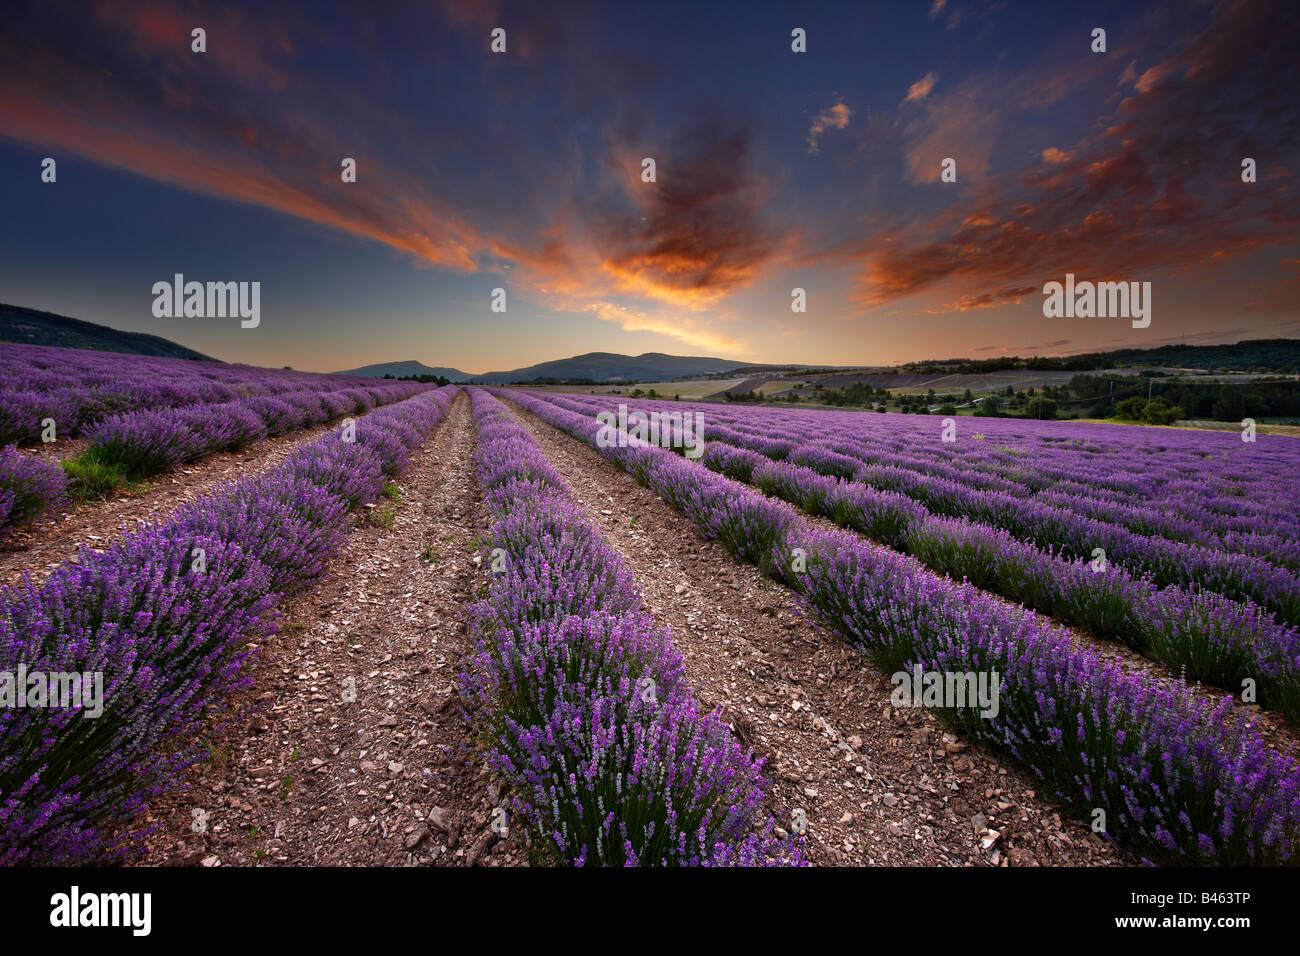 Amanecer en un campo lila nr Sault, Vaucluse, Provenza, Francia Imagen De Stock